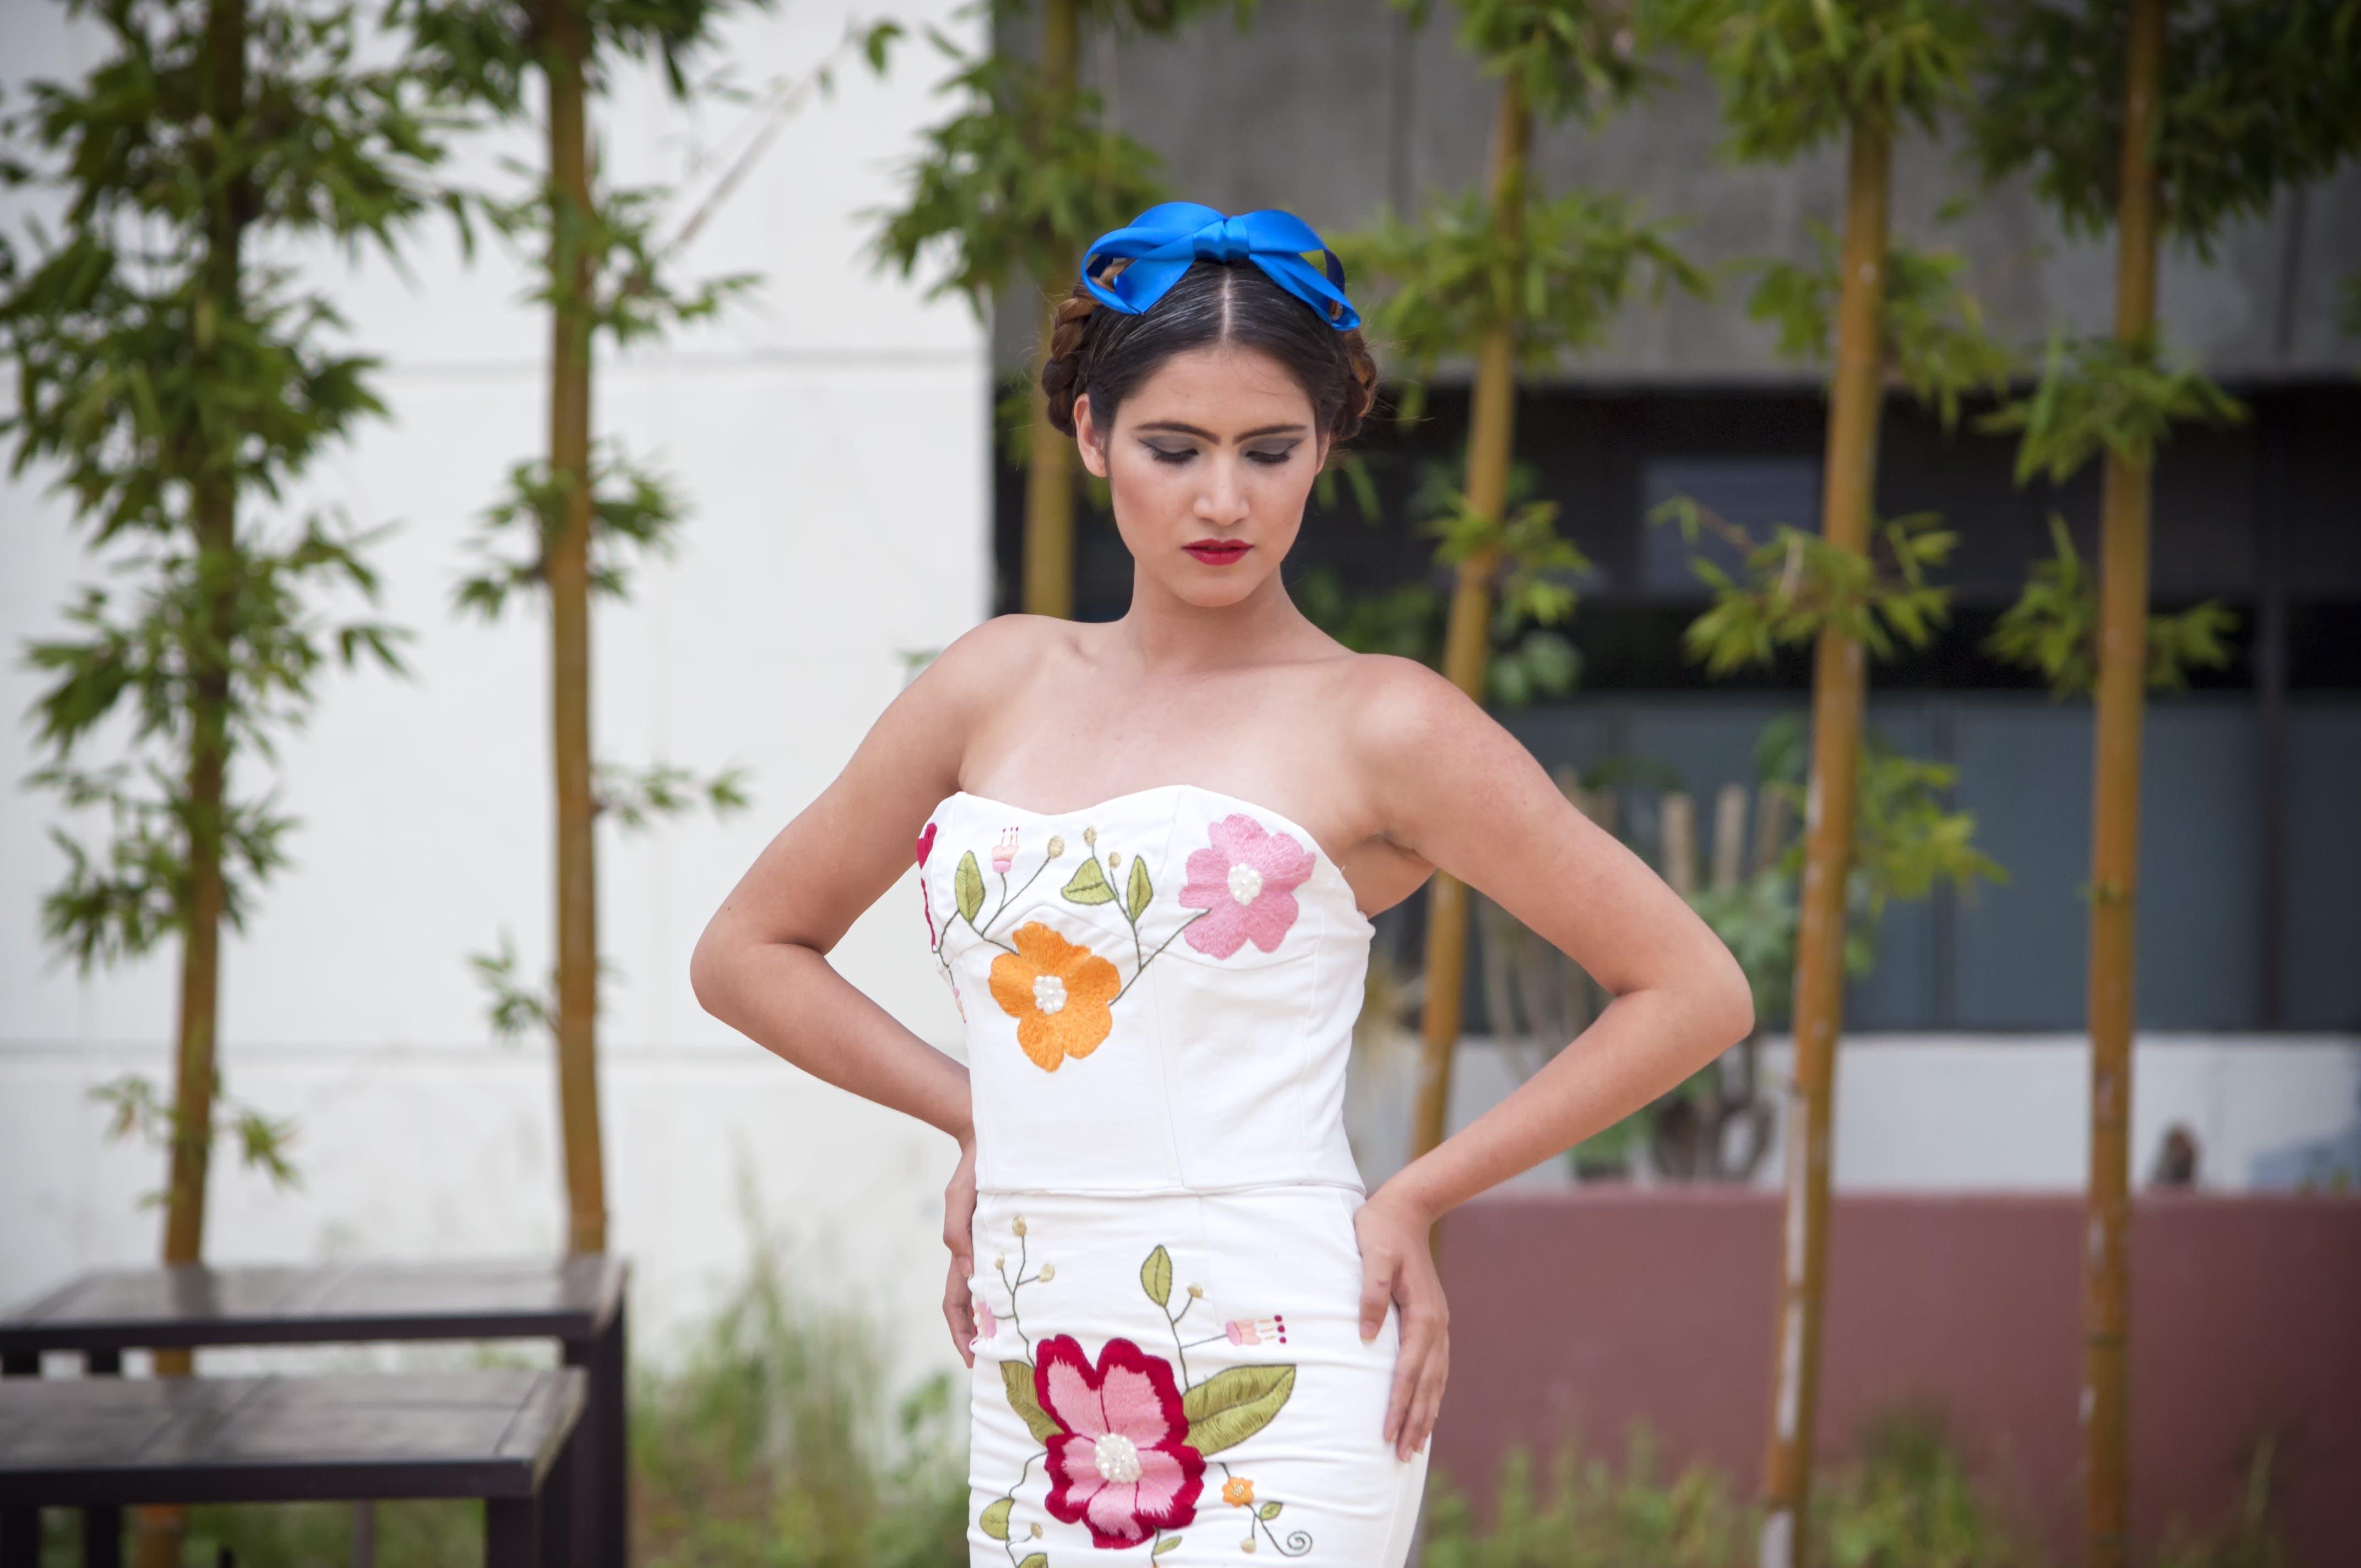 Woman In White Sweetheart Neckline Dress